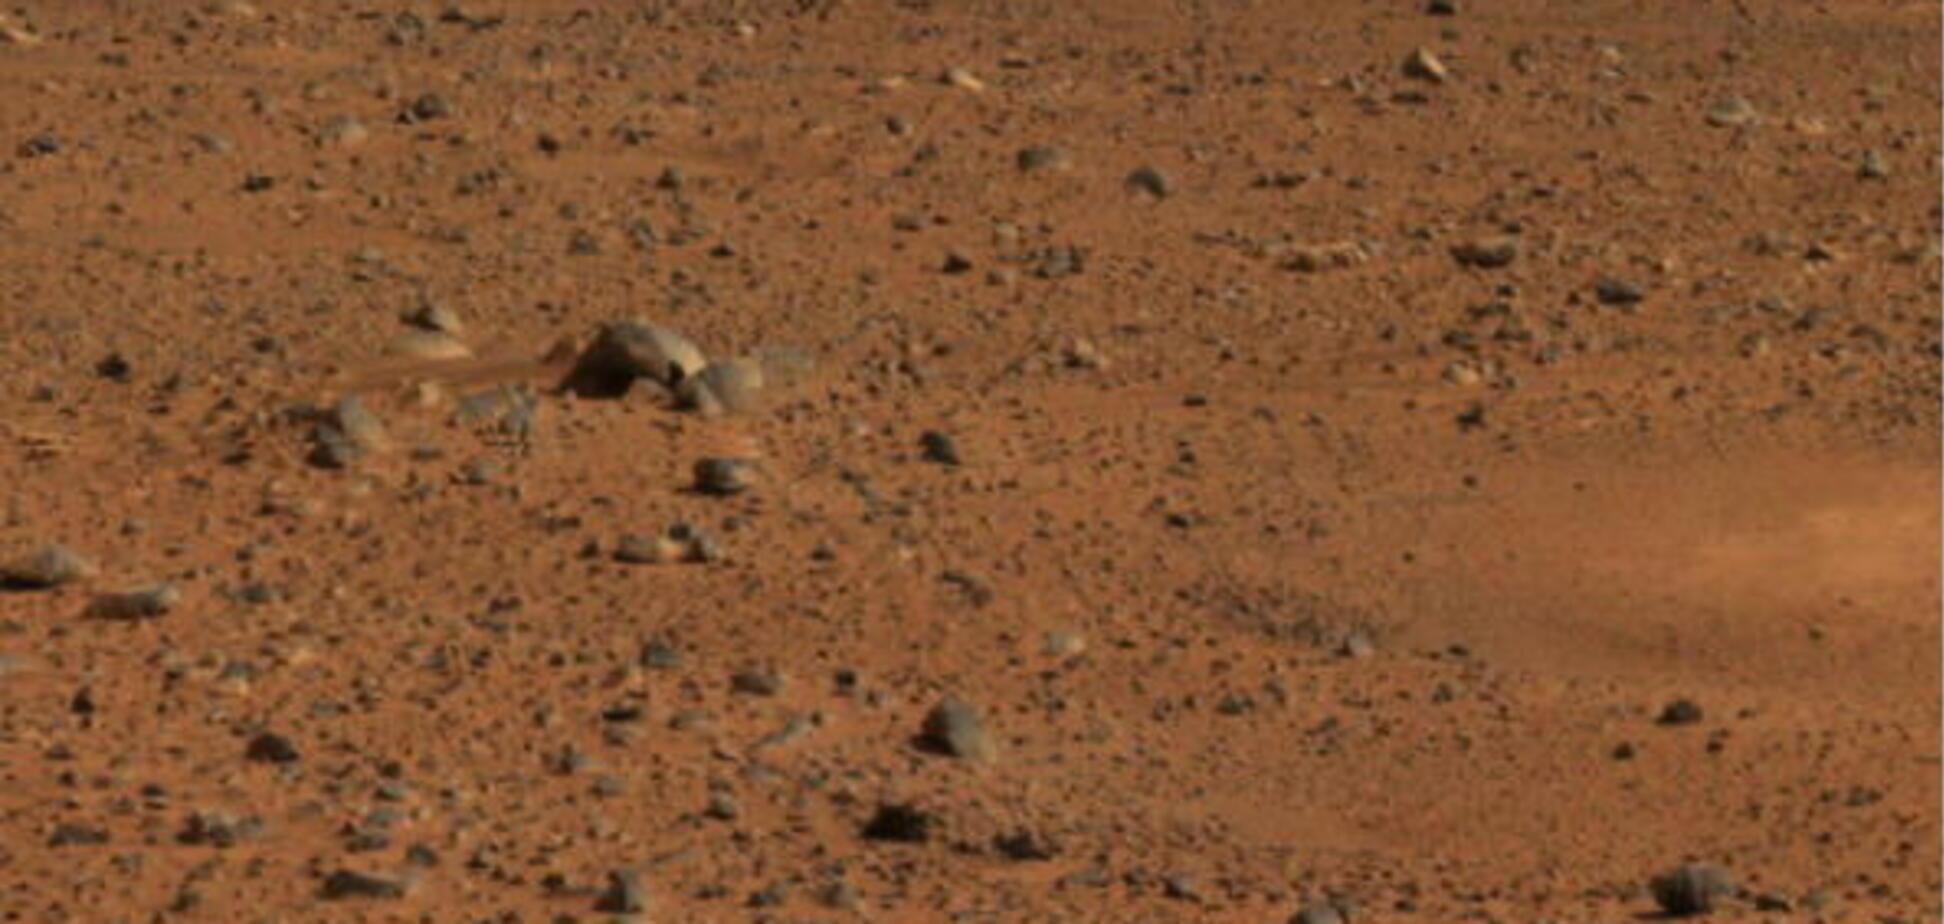 По заветам Стругацких: футуролог рассказал, кто должен полететь на Марс